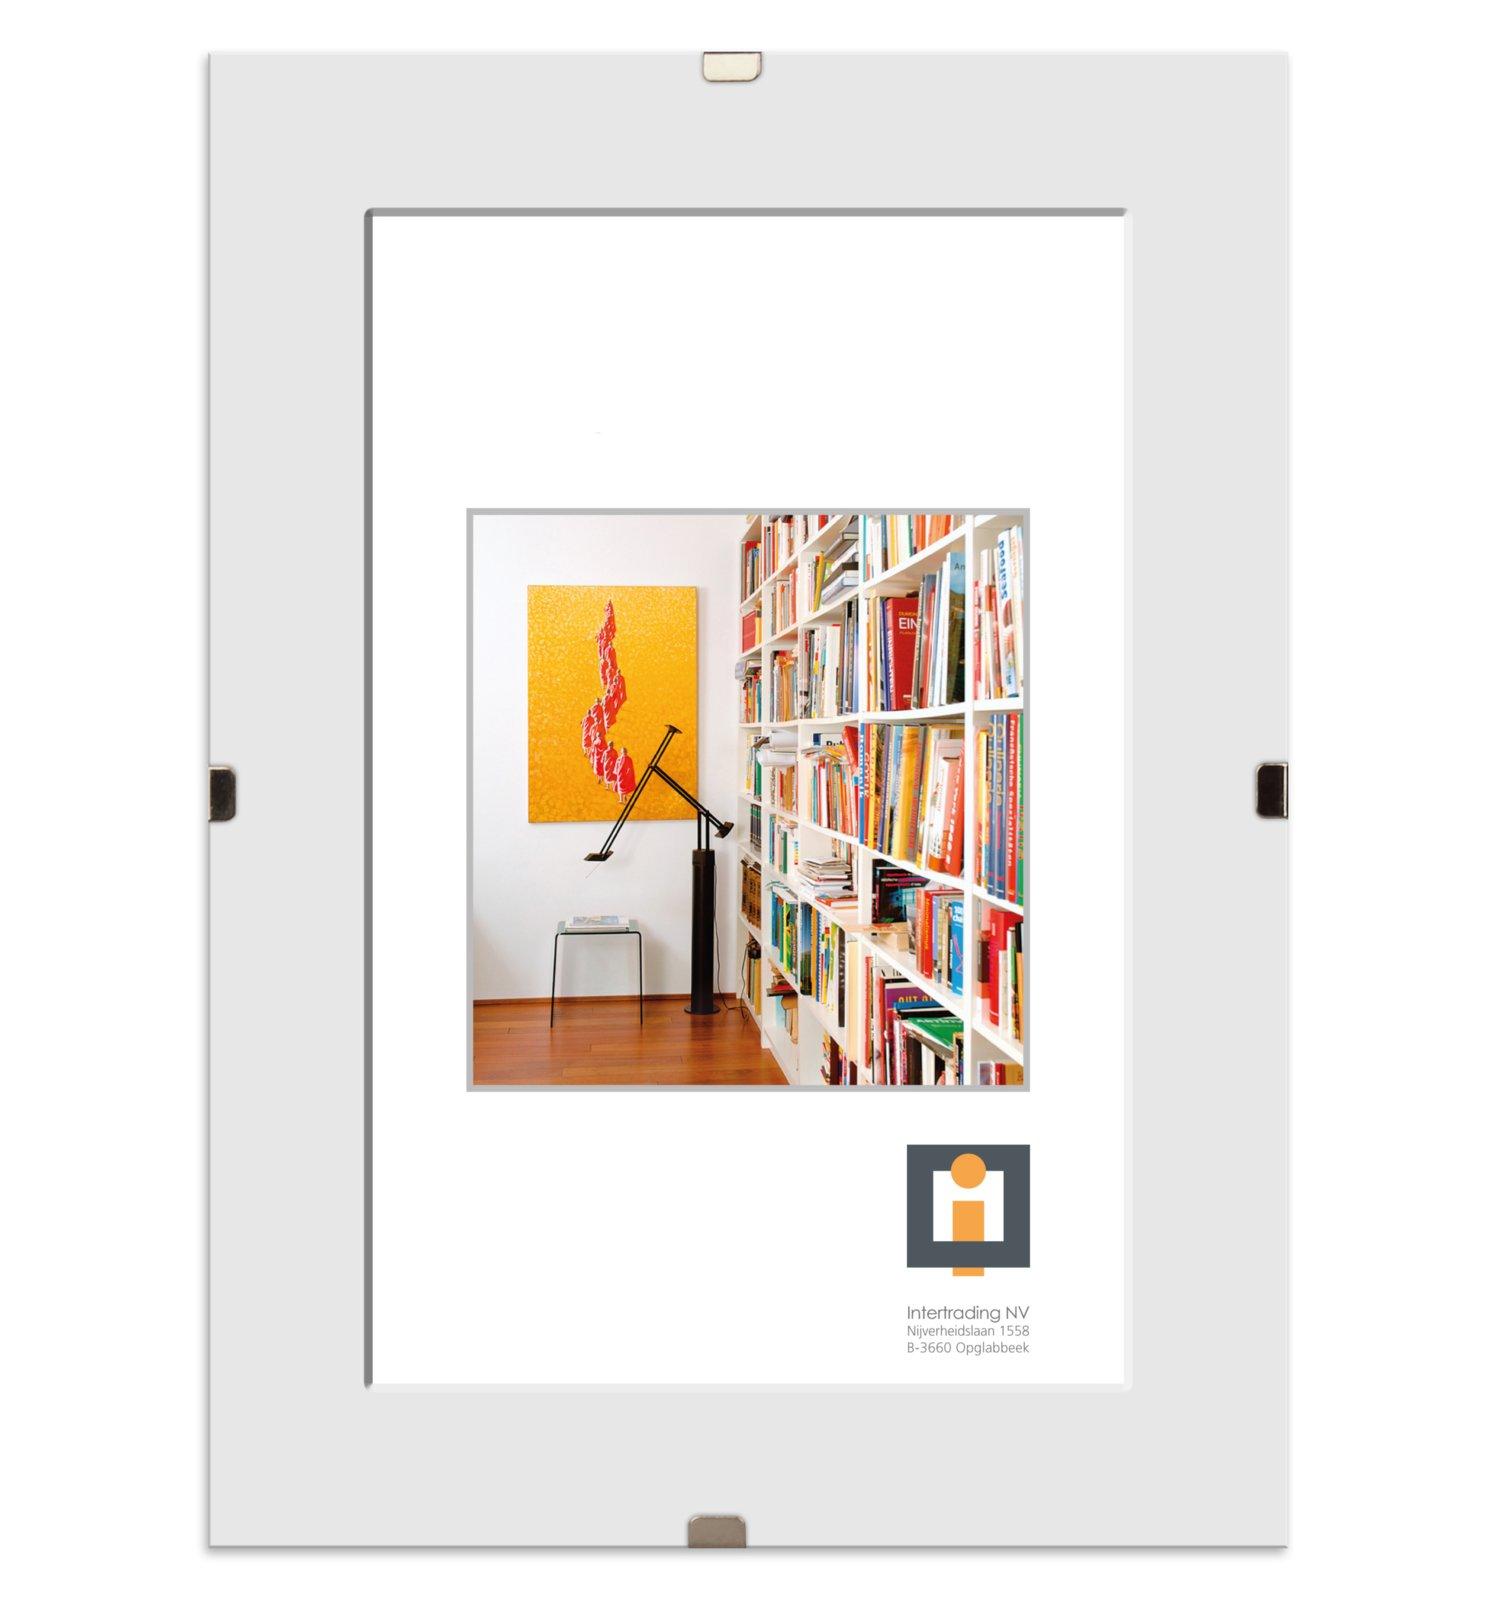 Bildhalter clip wei glas rahmenlos 13x18 cm for Bilderrahmen wohnzimmer